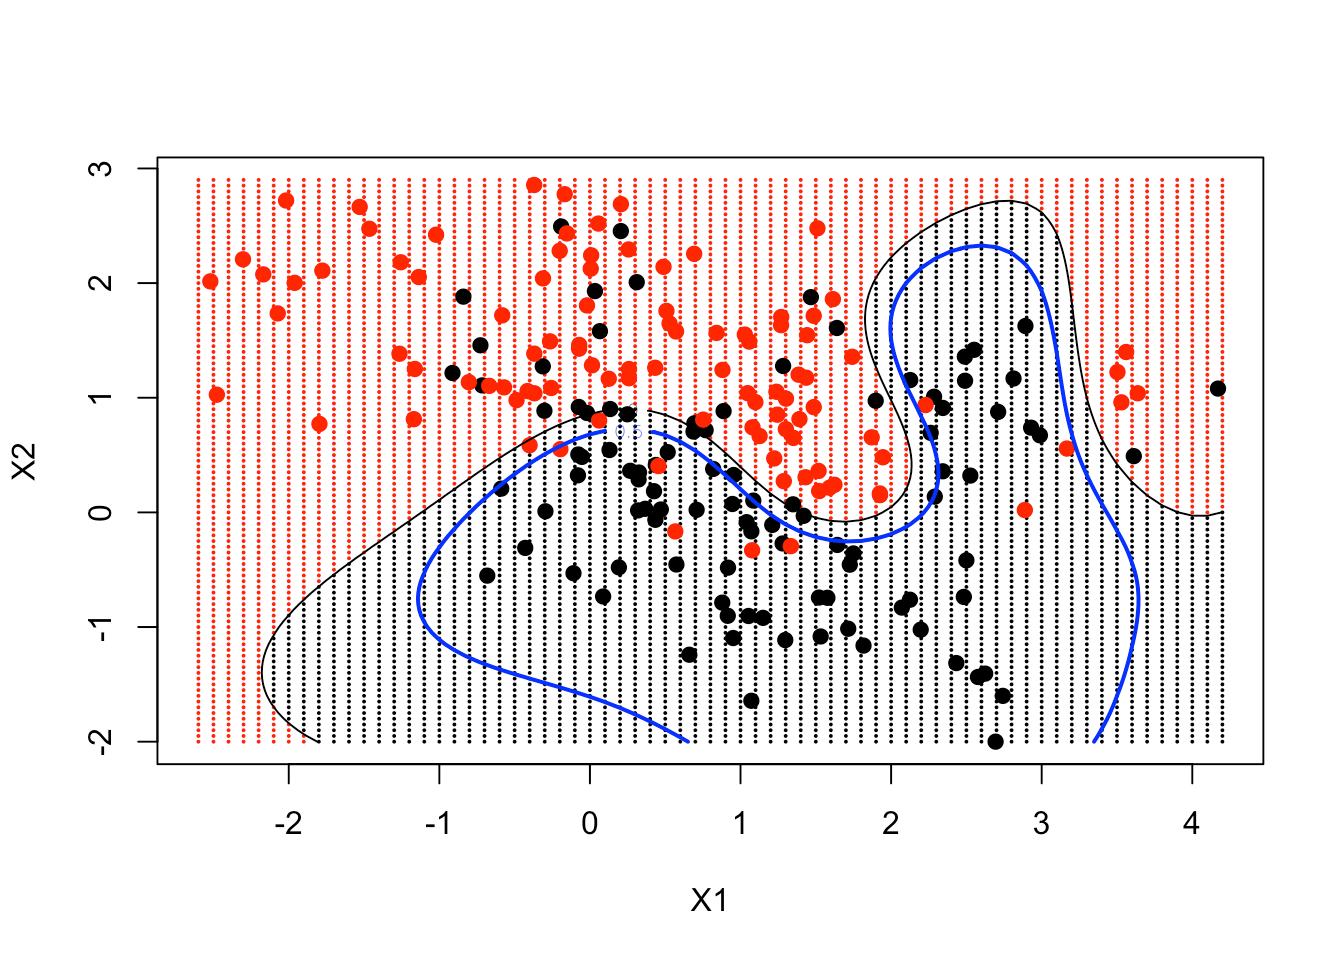 Support Vector Machines in R (article) - DataCamp